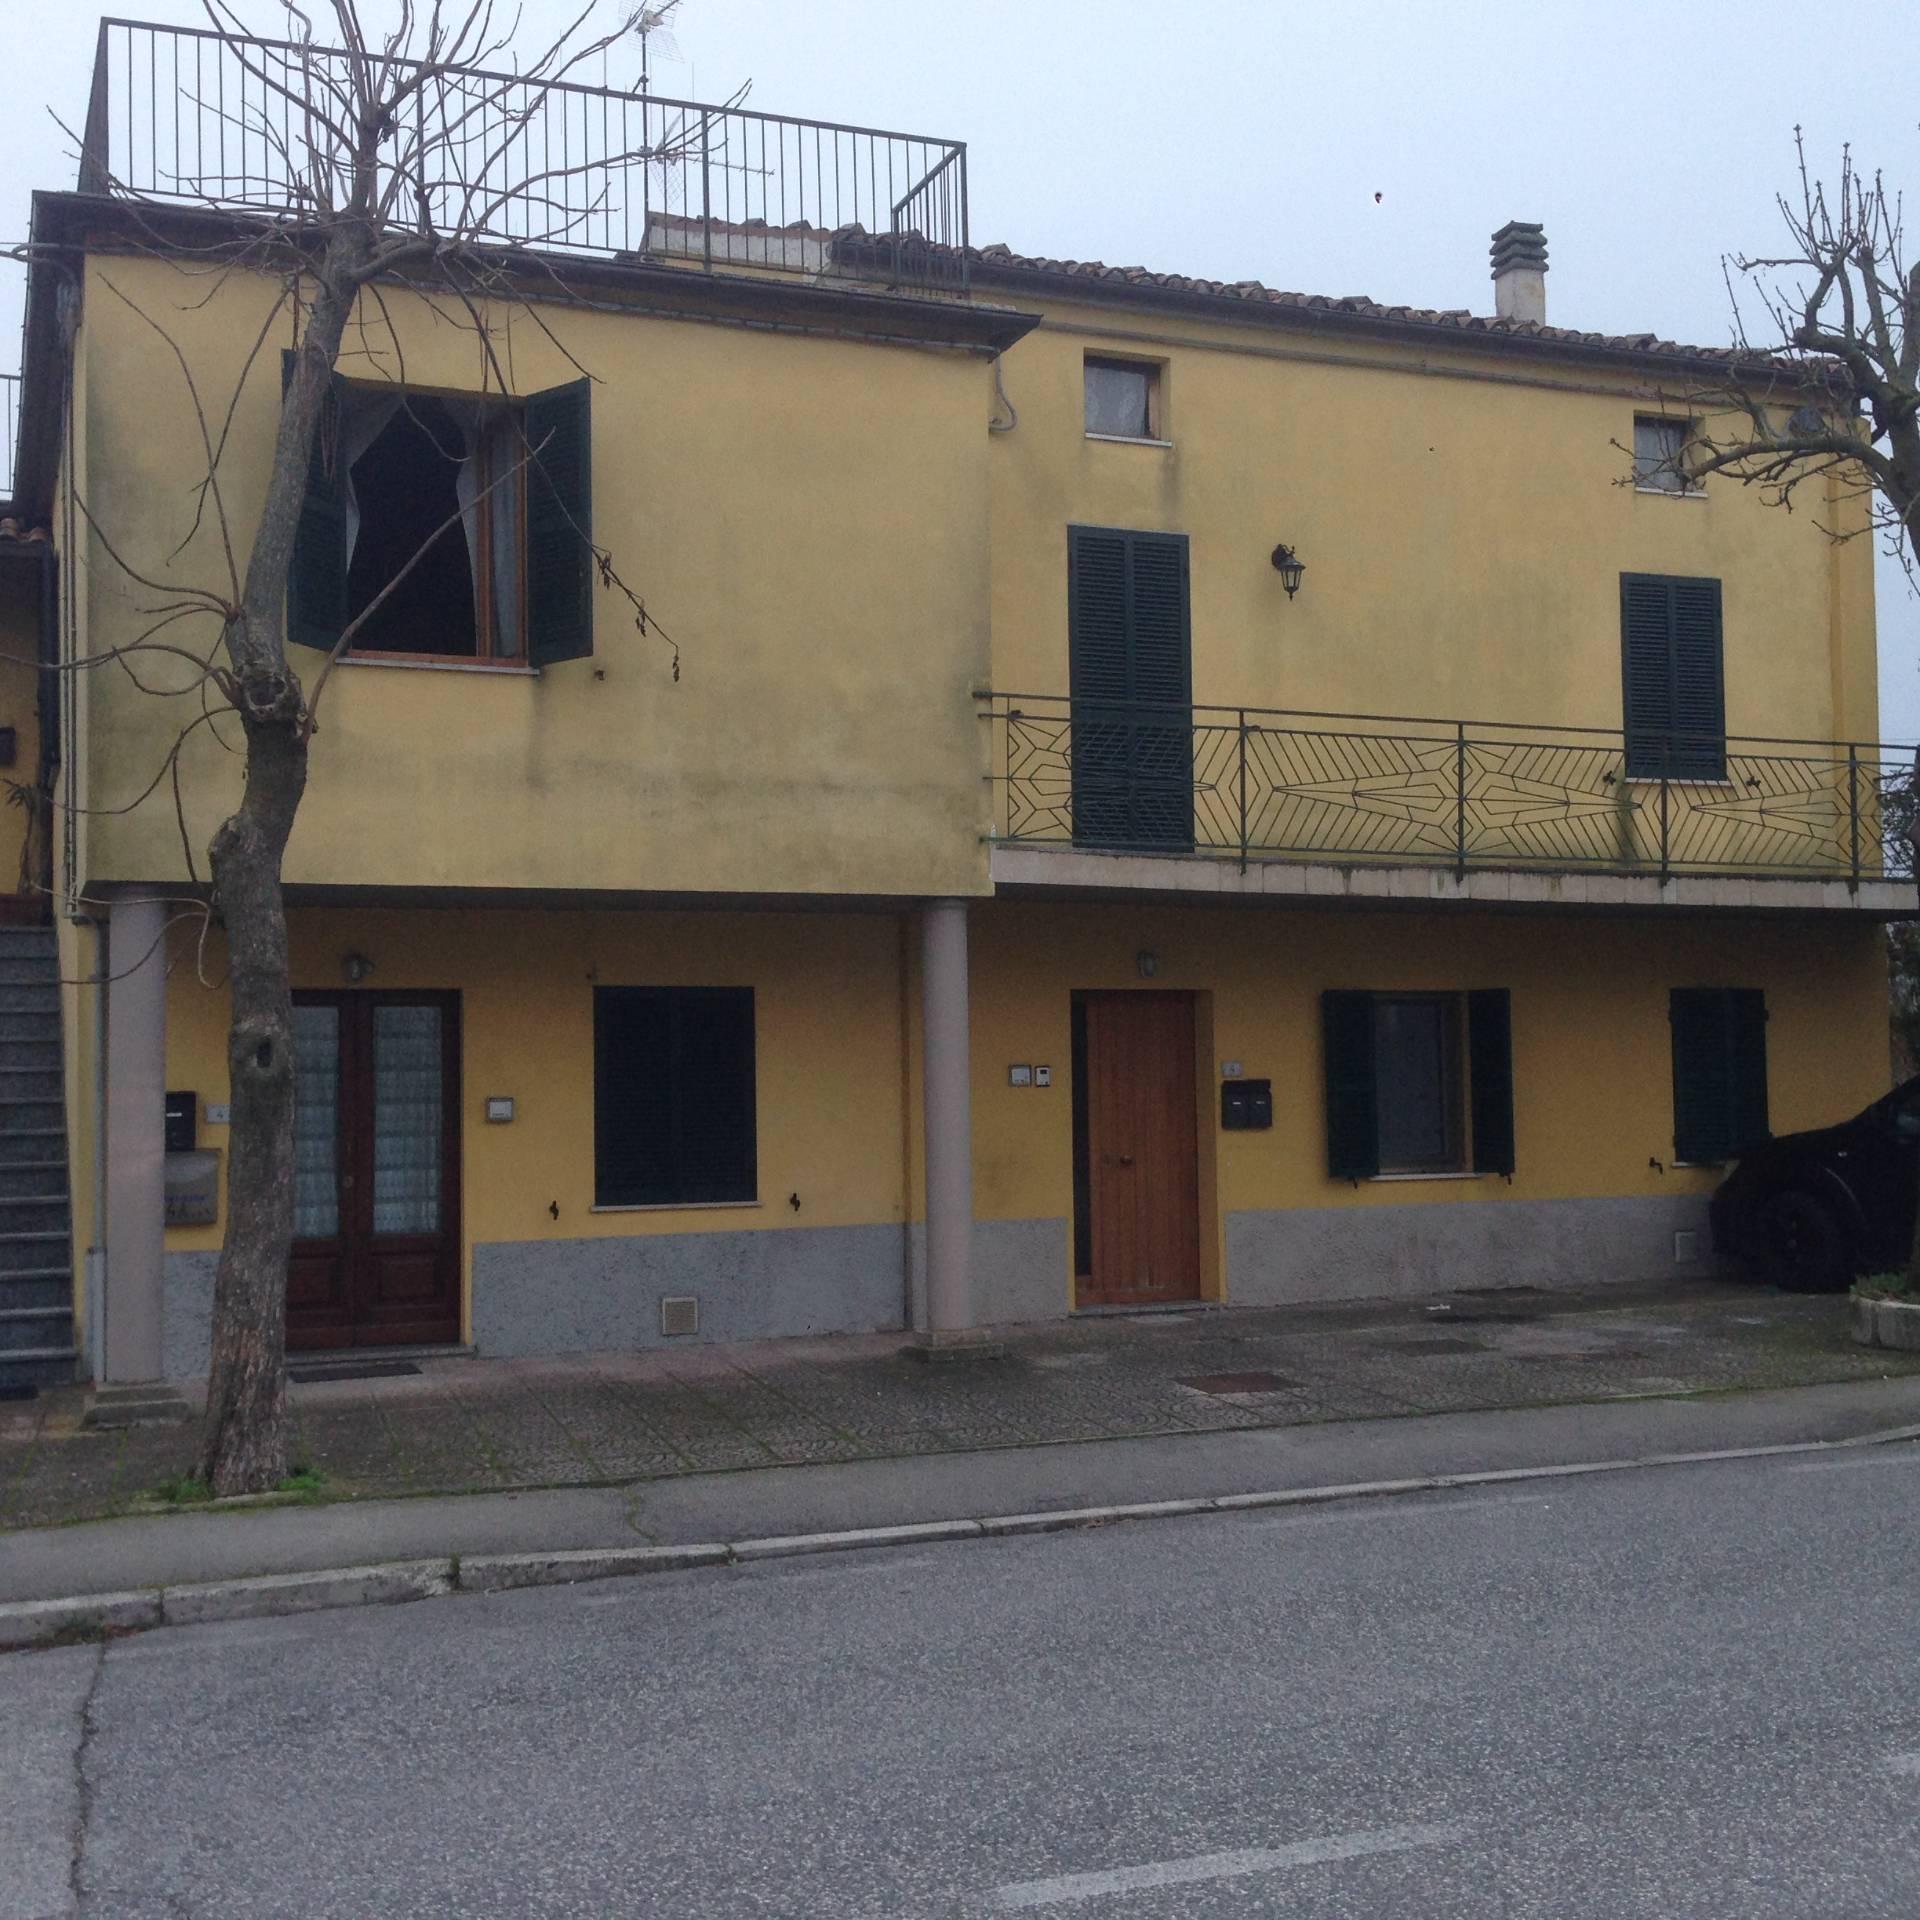 Soluzione Indipendente in vendita a Sassoferrato, 1 locali, Trattative riservate | CambioCasa.it